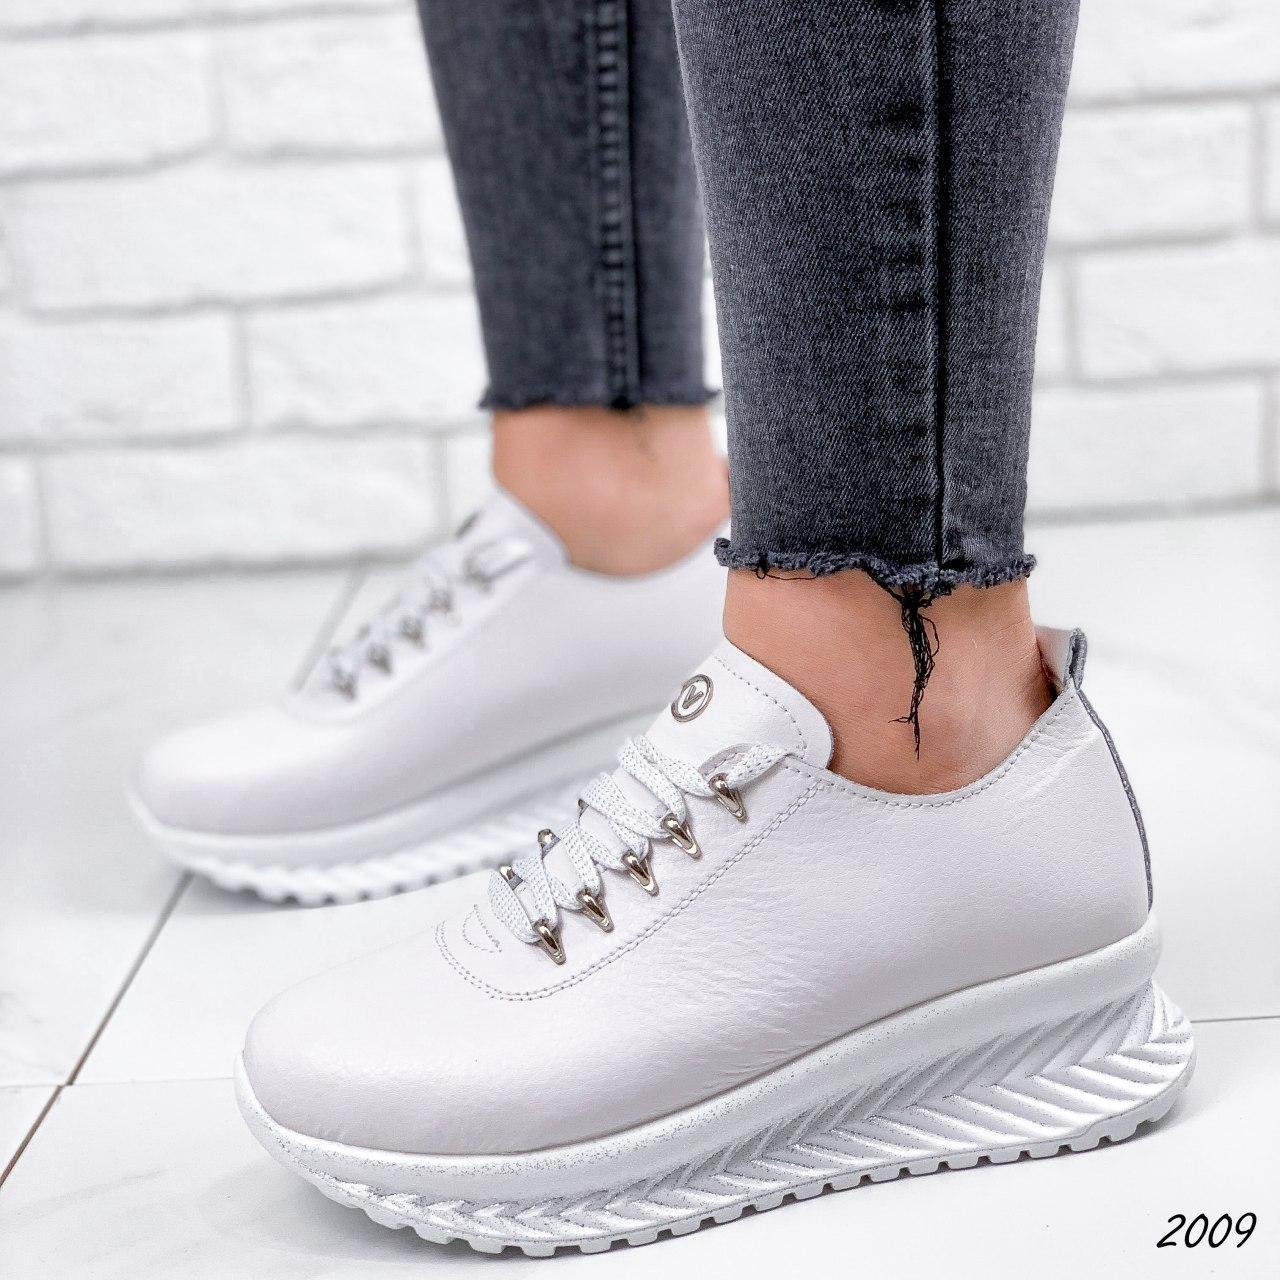 Кросівки жіночі білі на платформі з НАТУРАЛЬНОЇ ШКІРИ. Кросівки жіночі білі на платформі